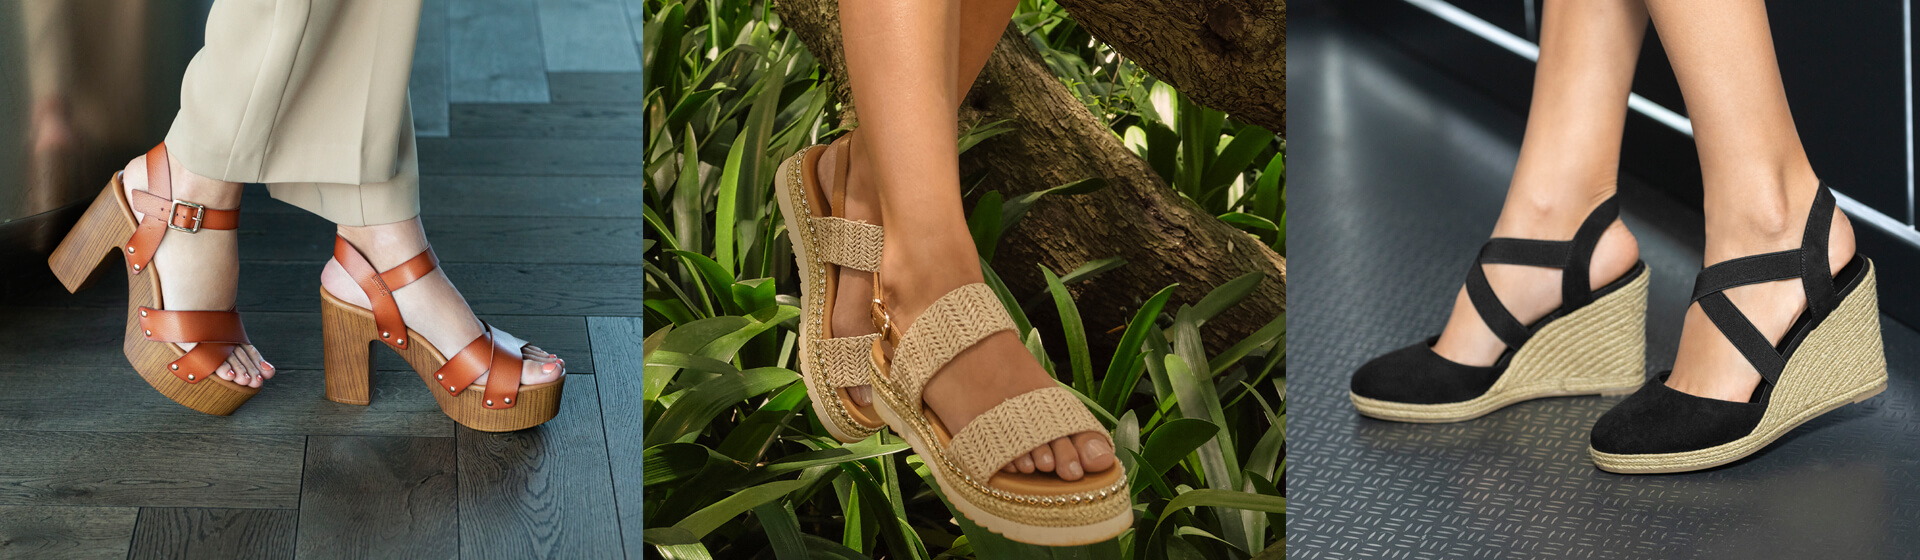 Los modelos de zapatos que estilizan las piernas